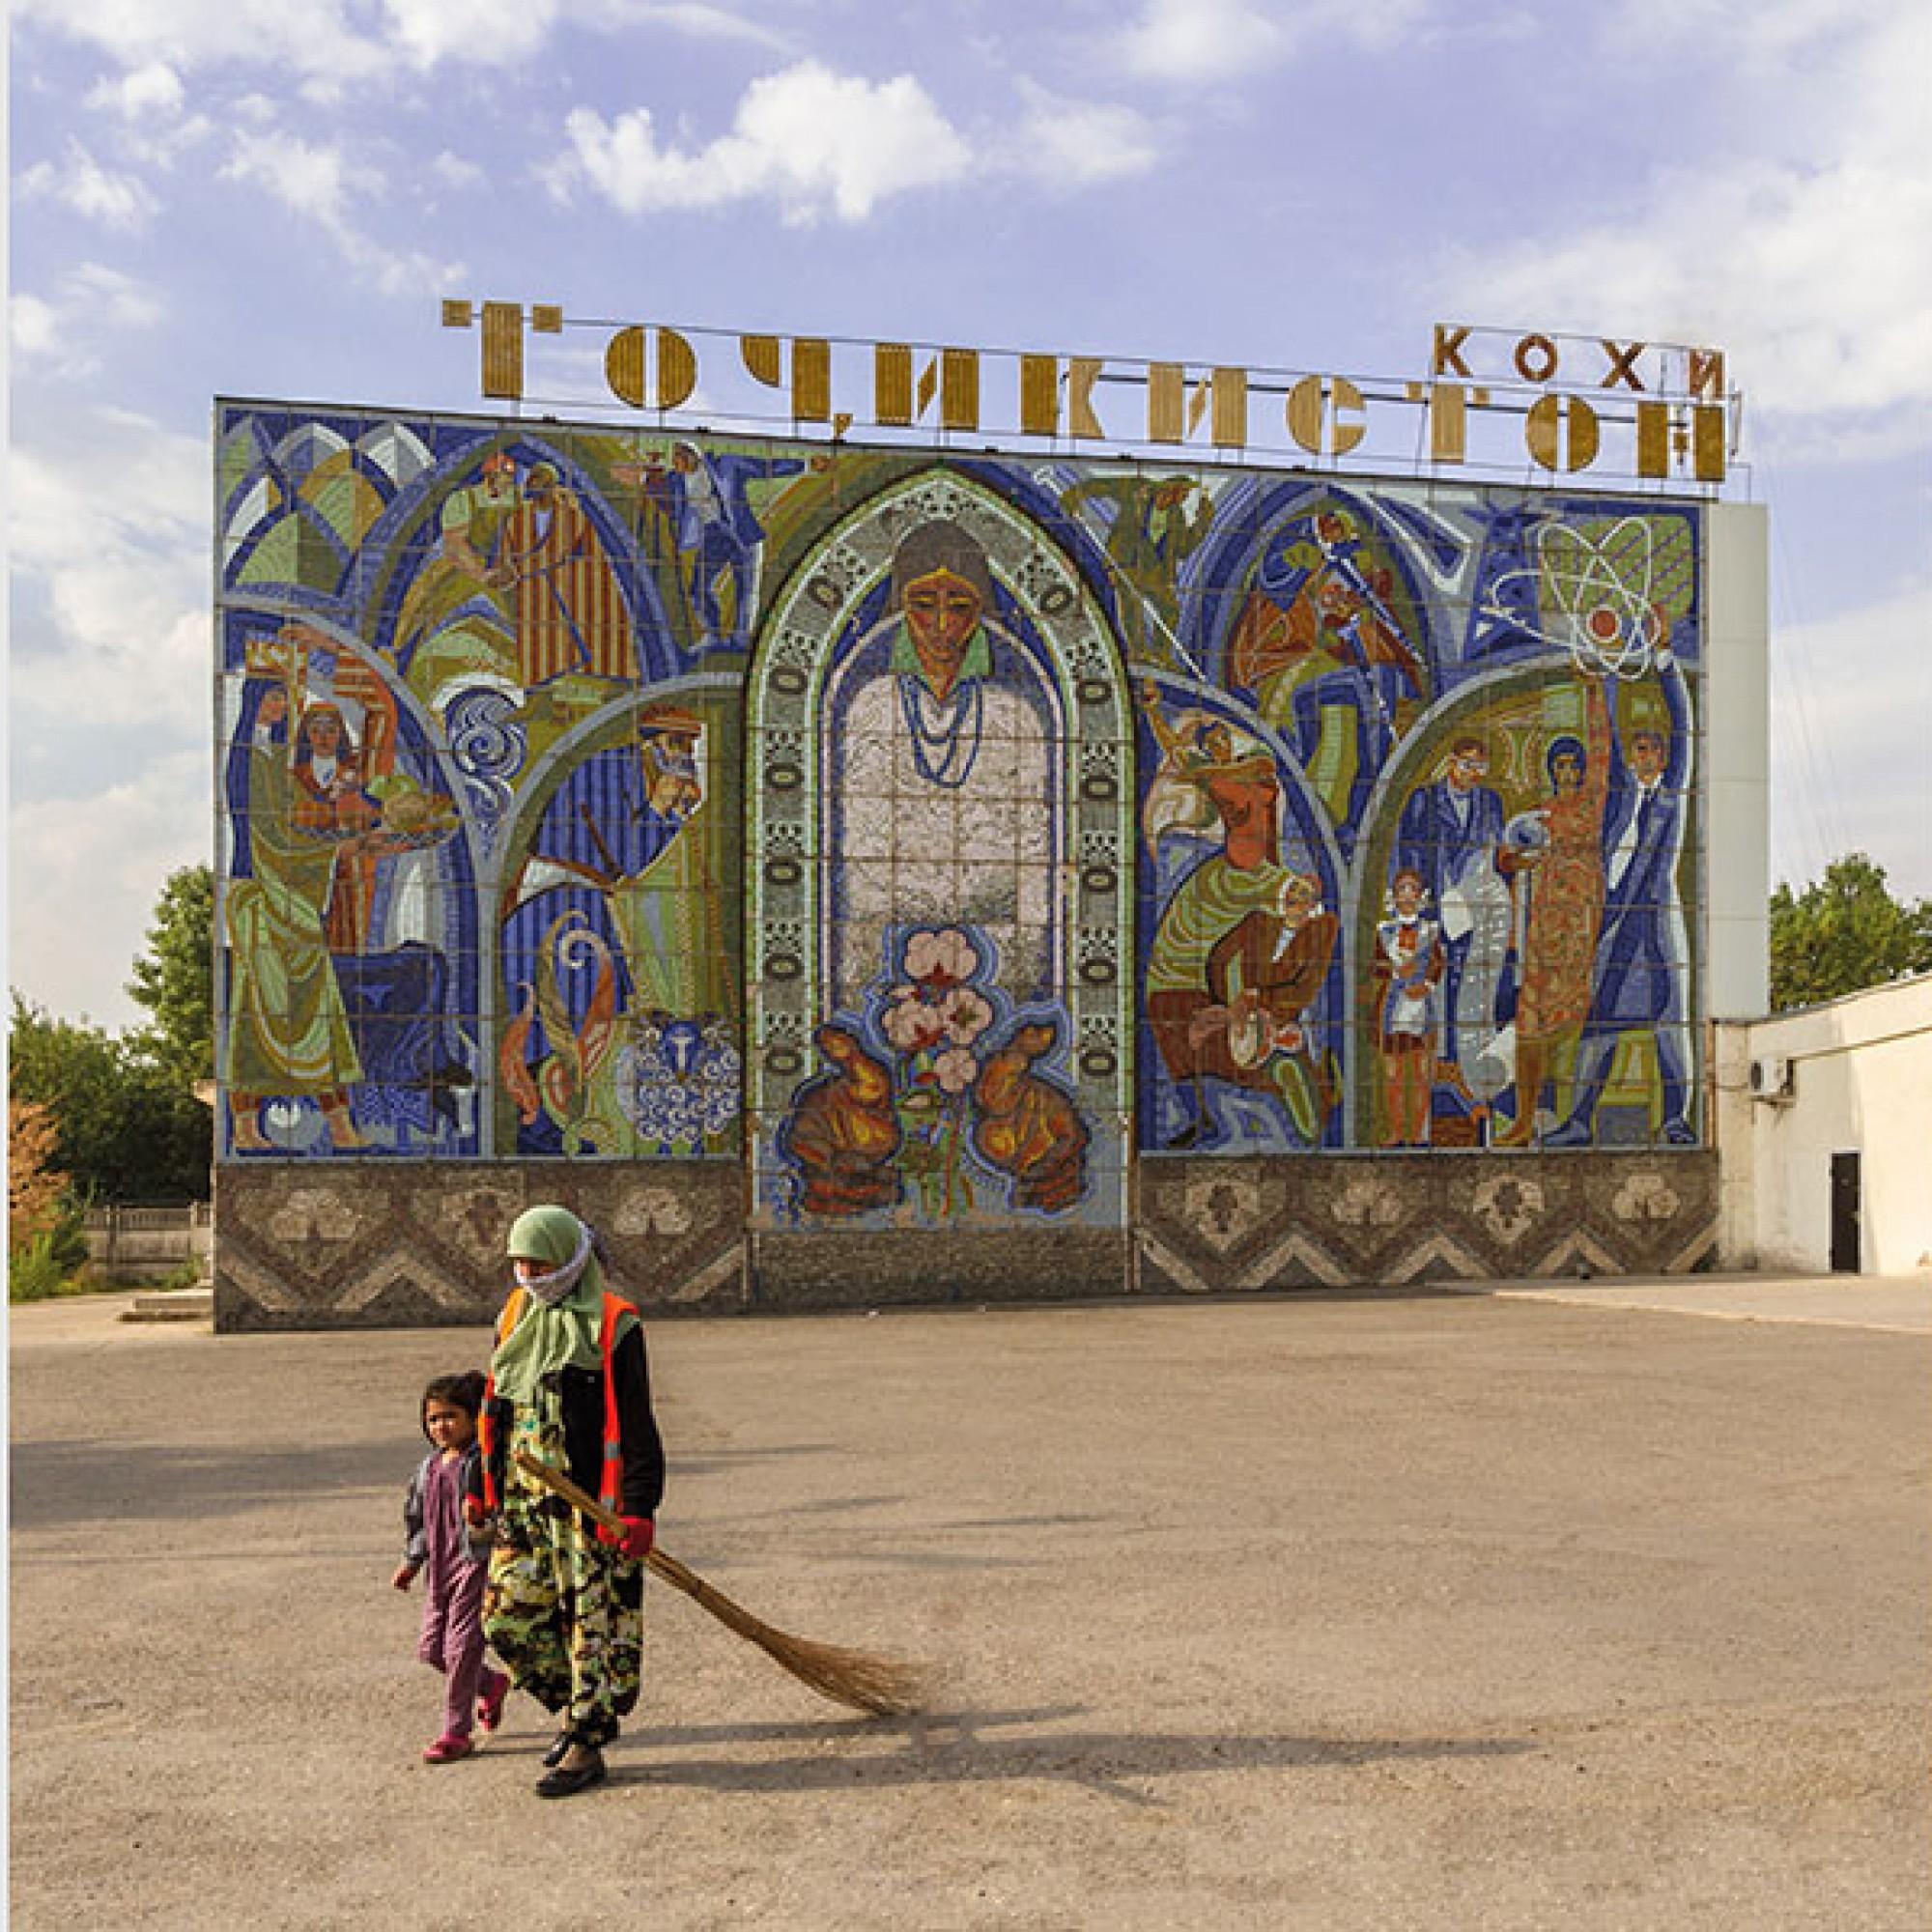 Viele Bauten zeichnen sich durch prächtige Mosaiken aus. Im Bild: Kino Tadschikistan nach einem Entwurf Architekten Suchur Chabbibulajew, Jakow Begimow, Ilja Rachnajjew. Entstehungsjahr unbekannt. (Foto: Edda Schlager)